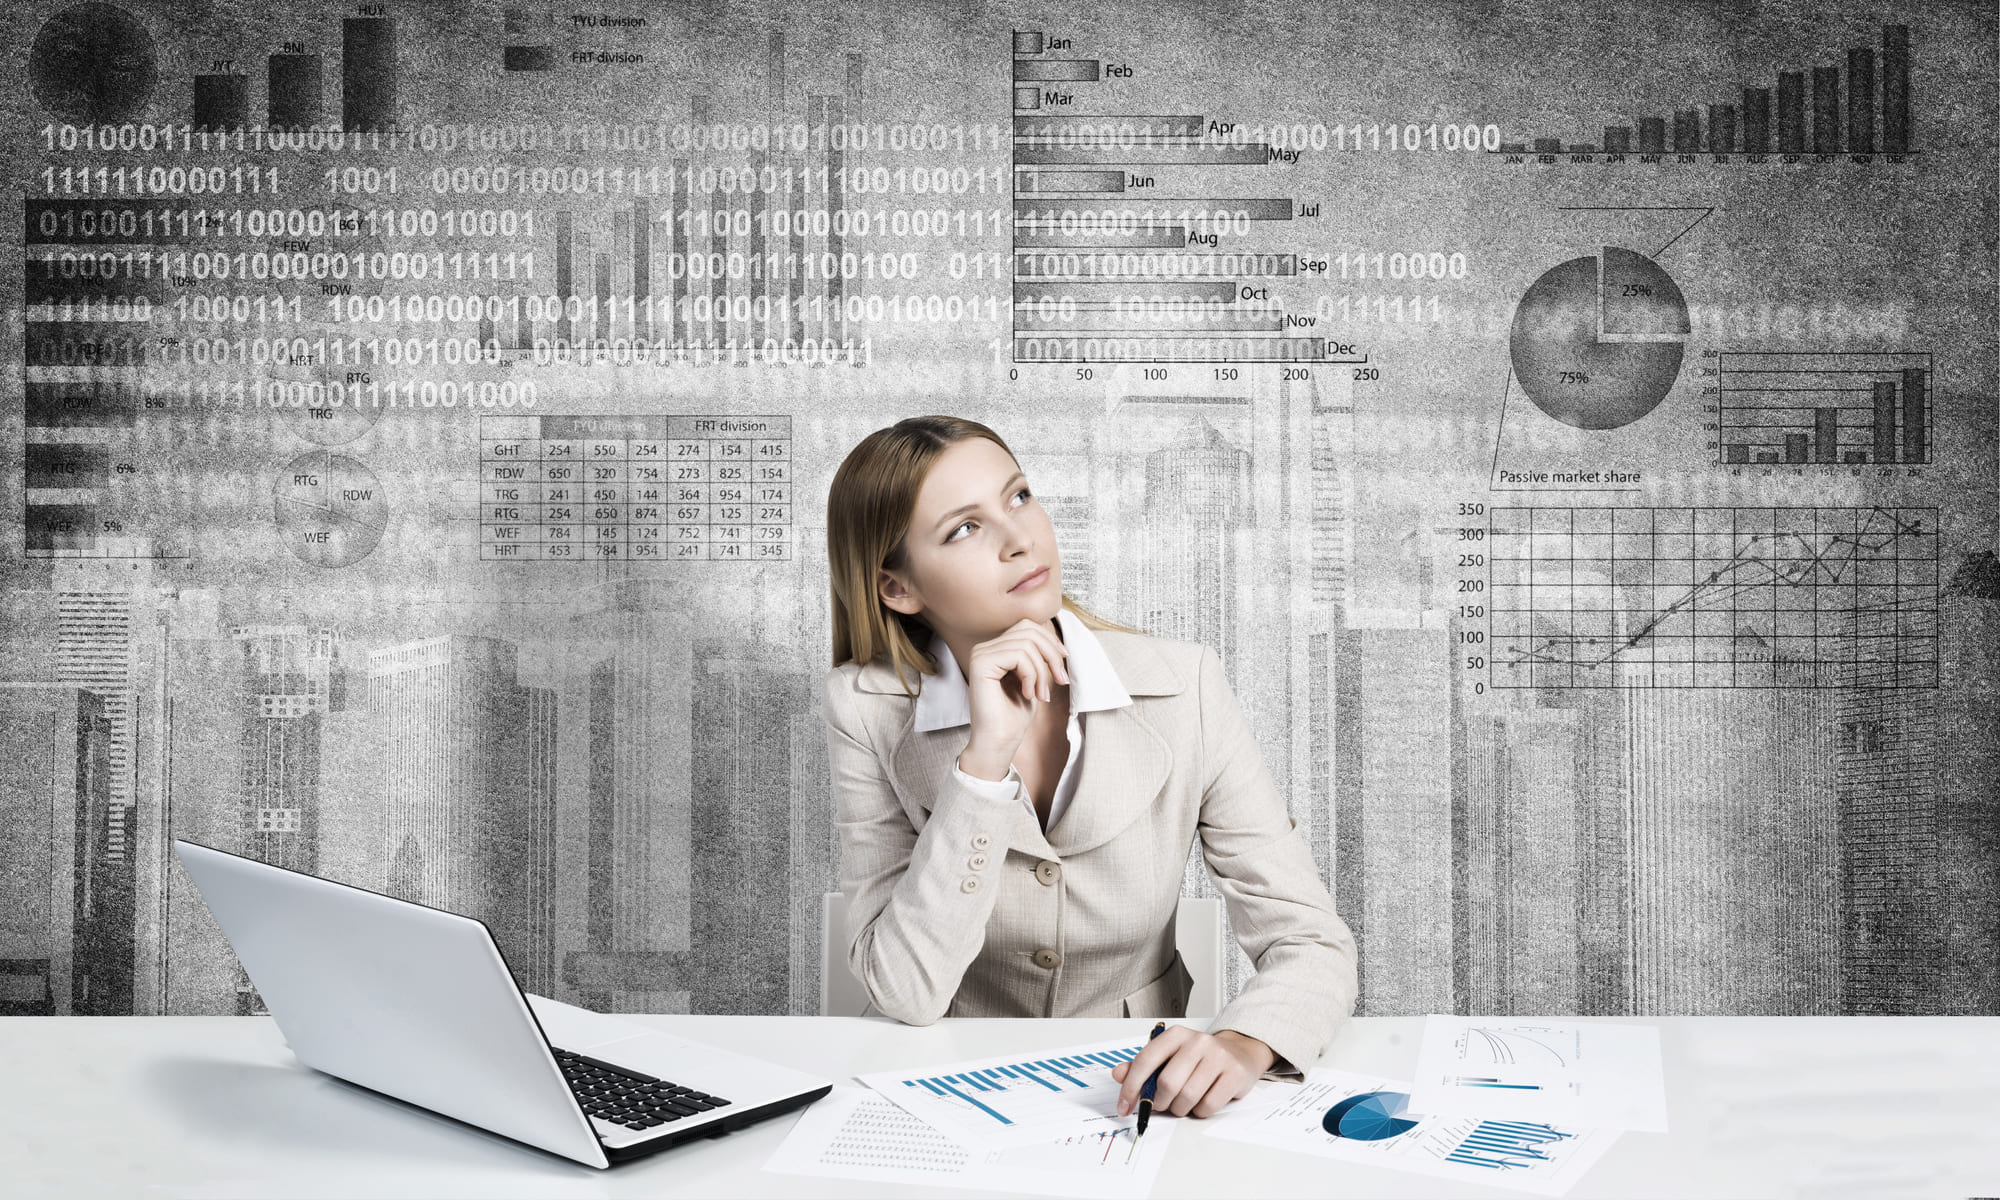 財務分析とは何か?財務分析を知って会社経営に強くなろう